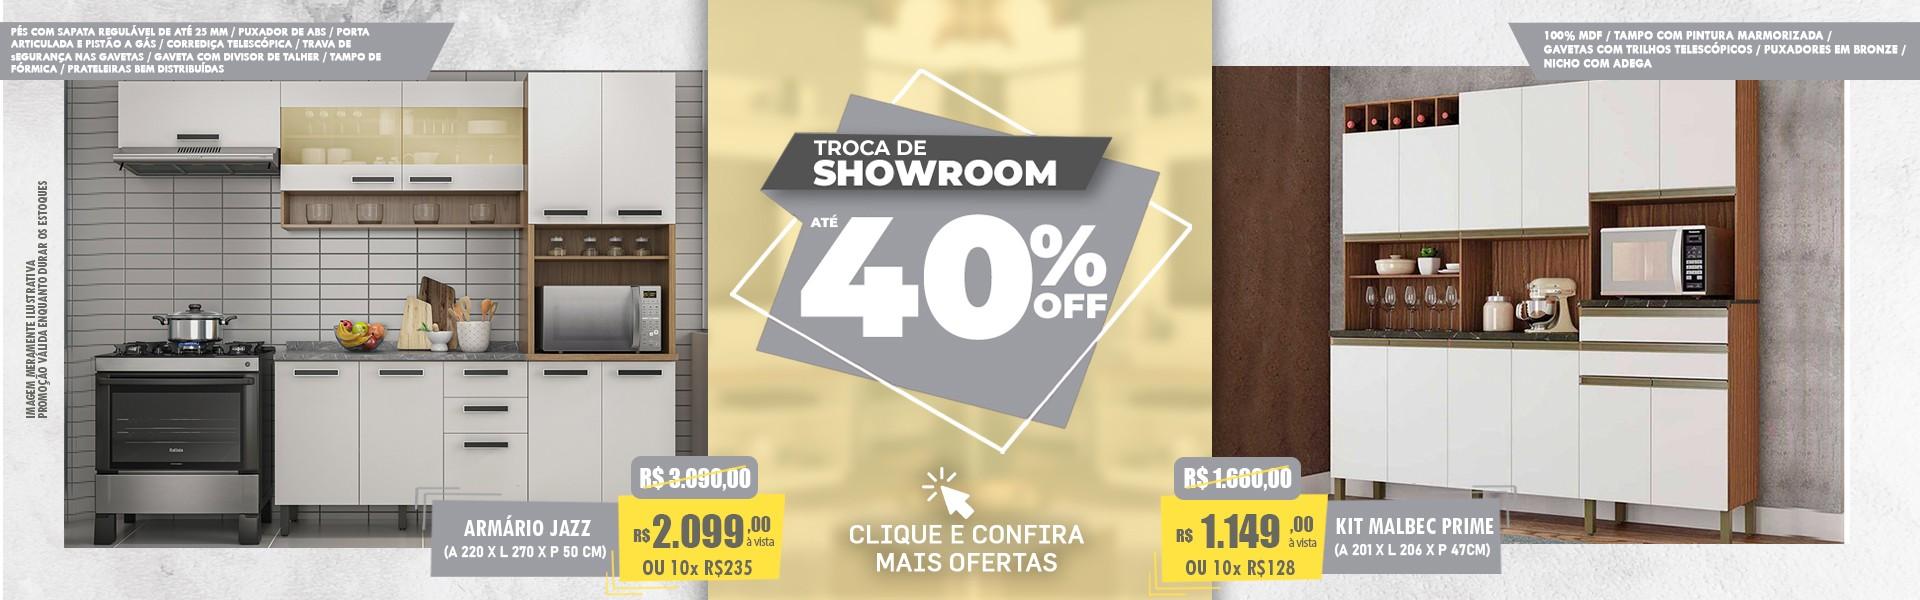 TROCA DE SHOWROOM ATÉ 40% OFF